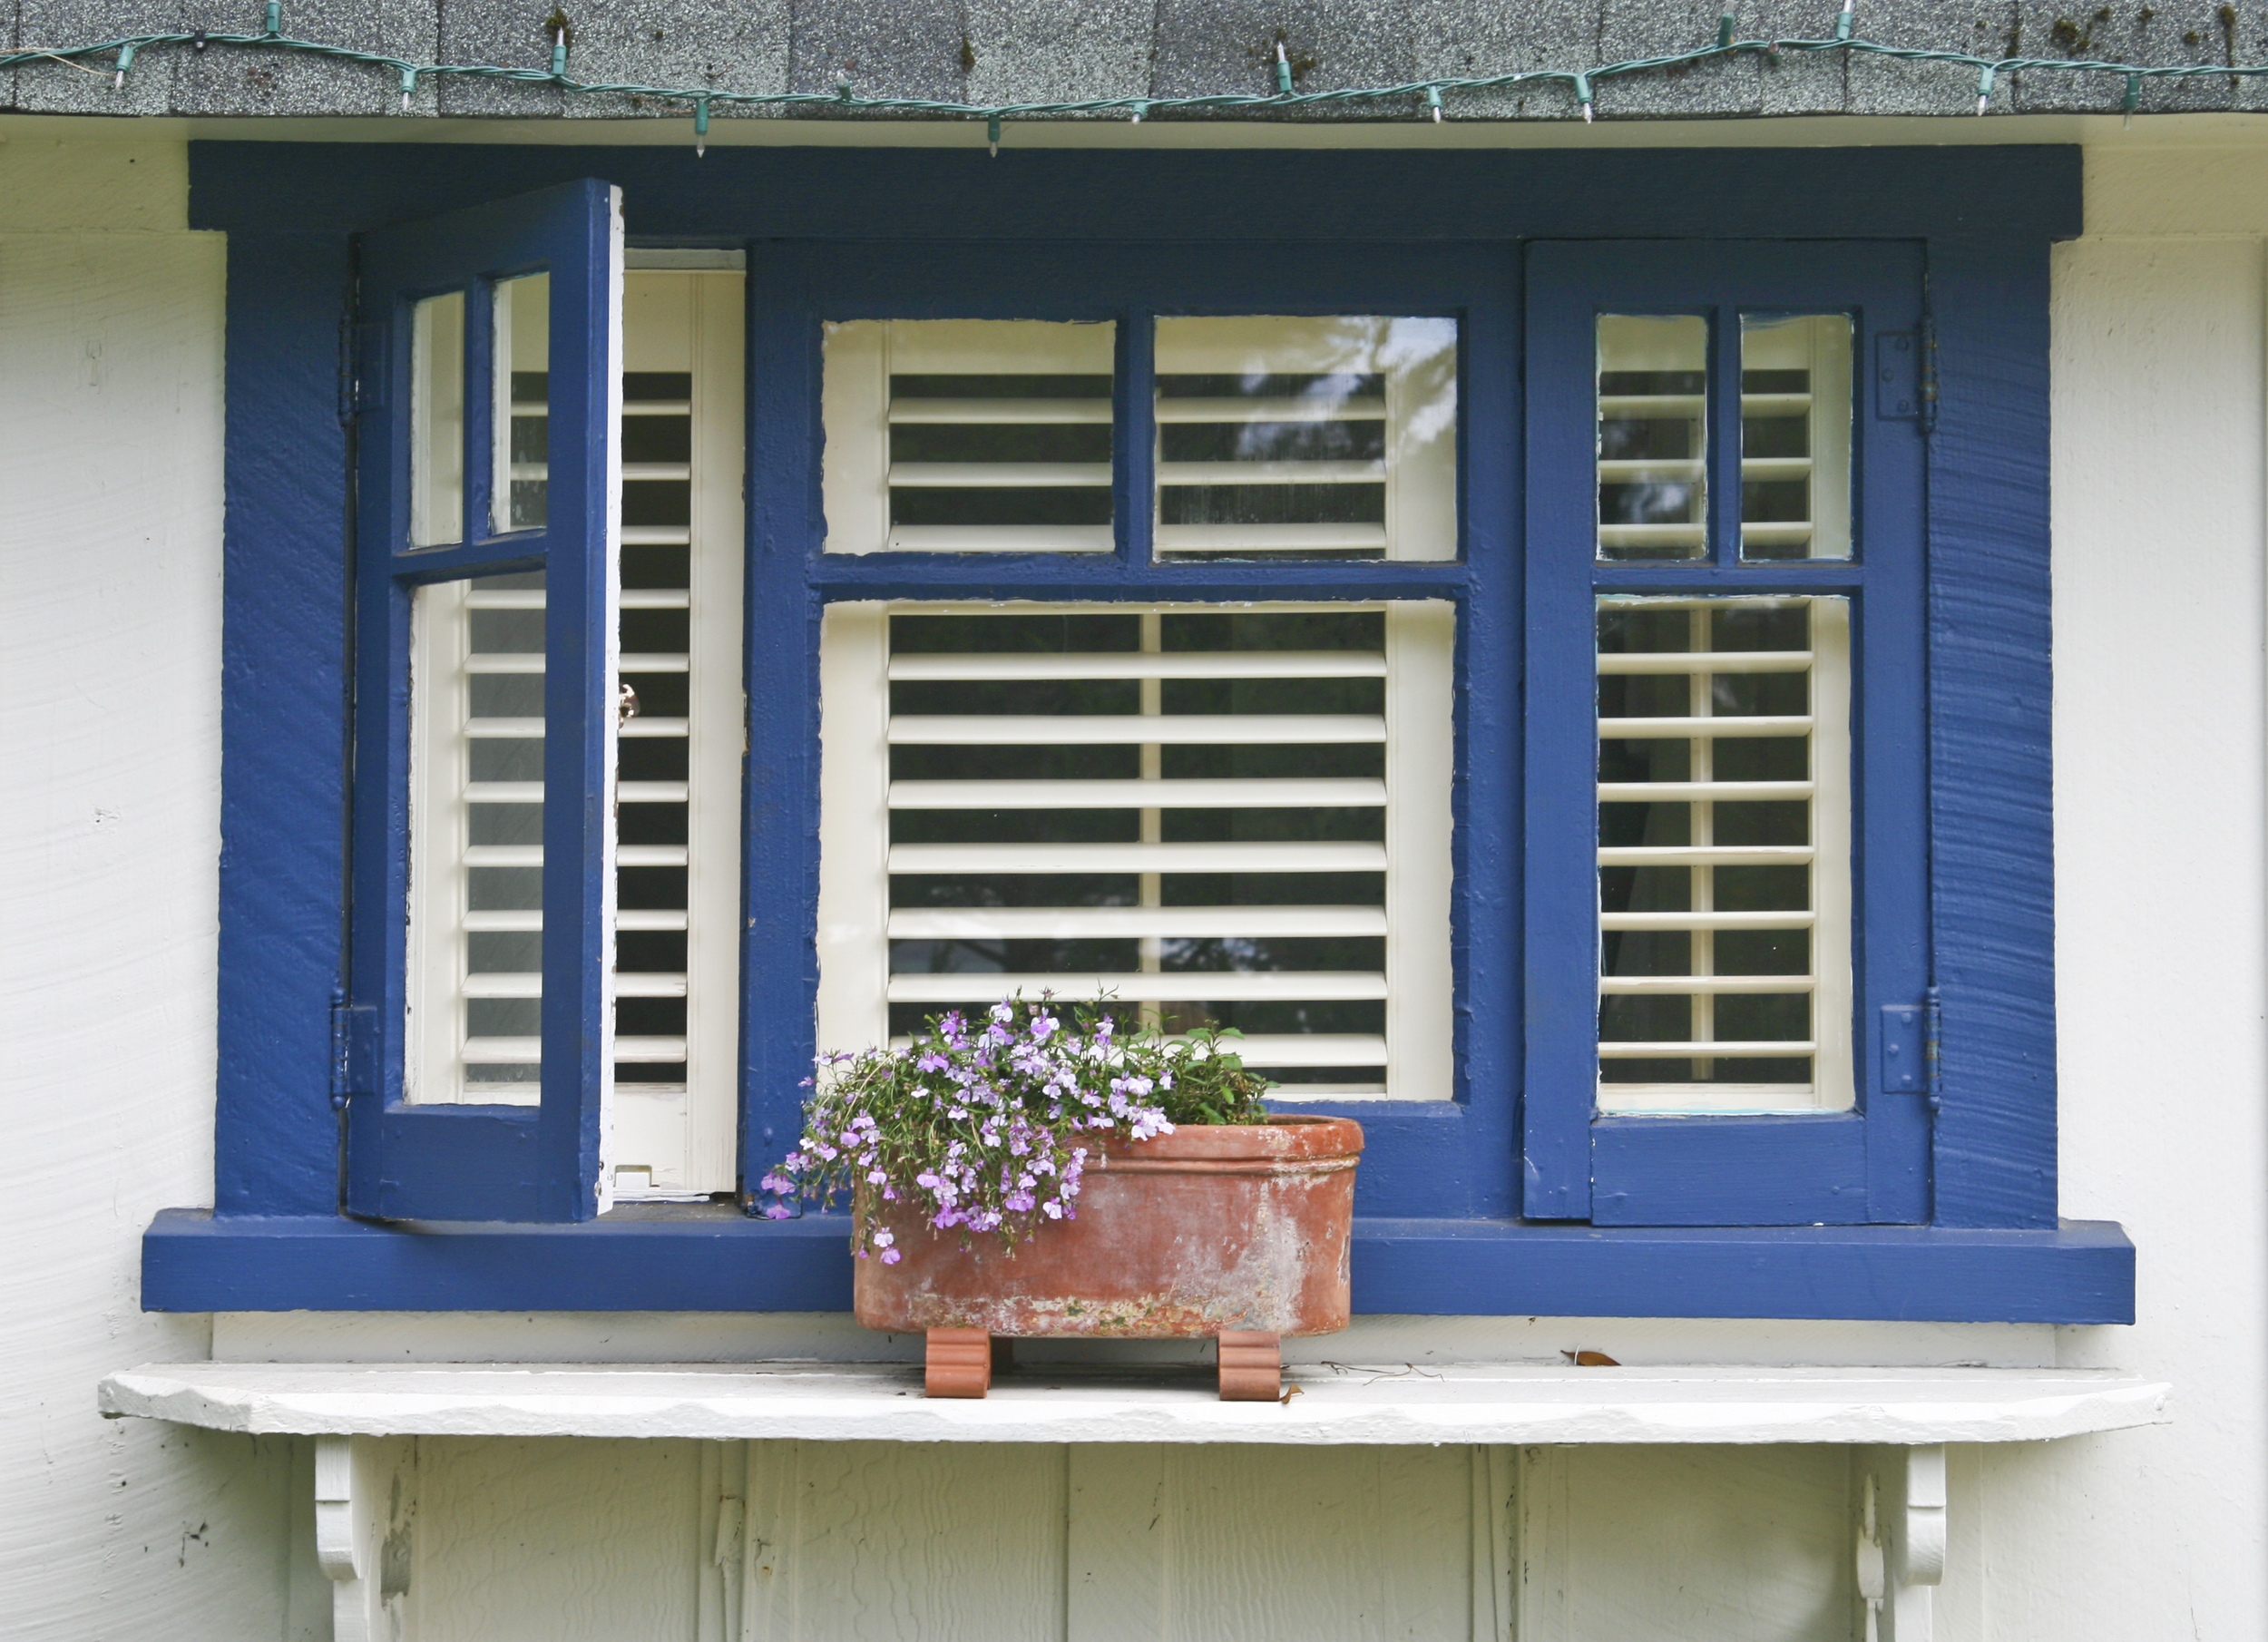 shutters-in-window-with-blue-frame.jpg